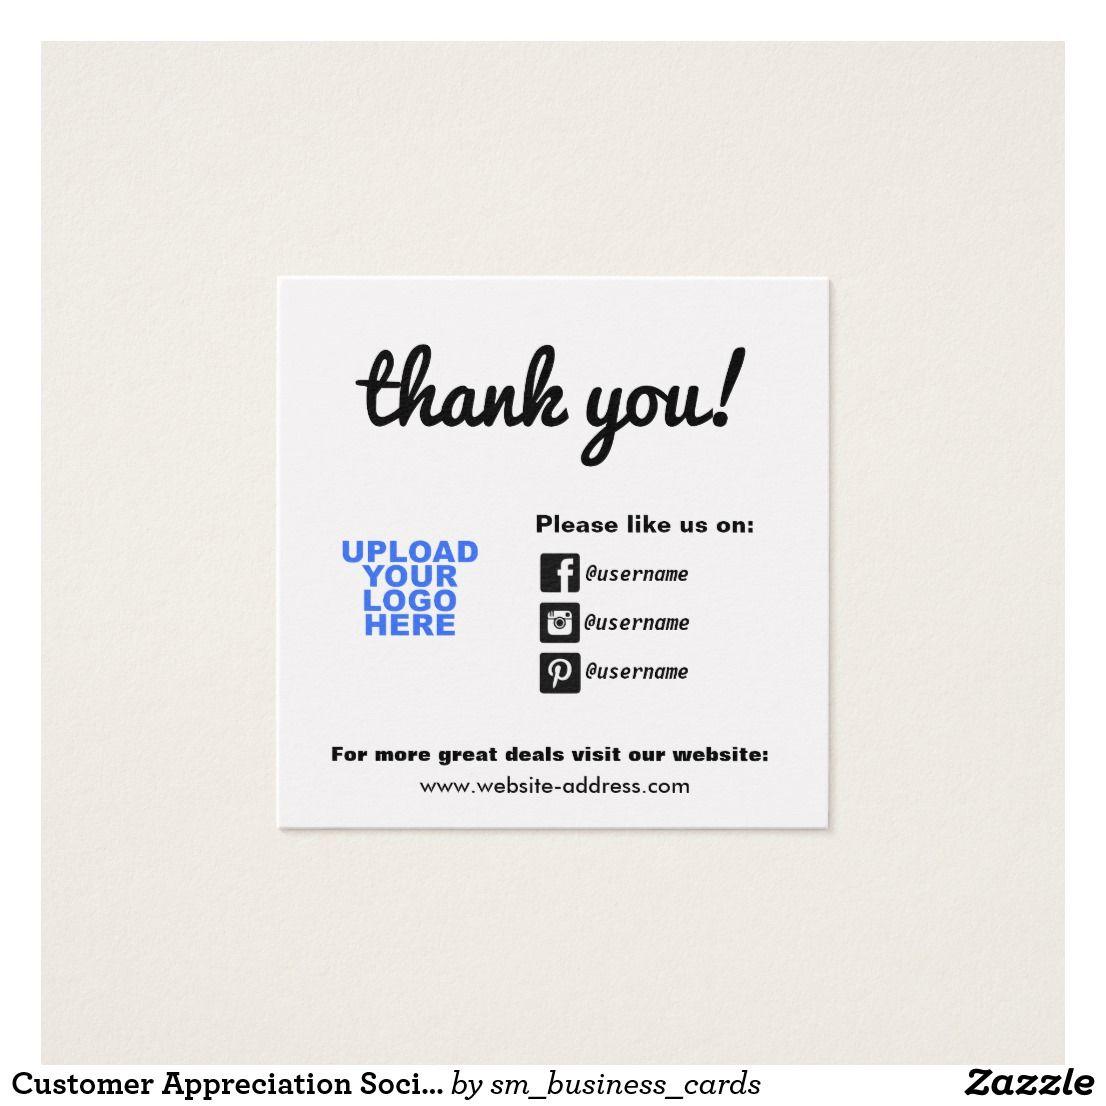 Customer Appreciation Social Media Icons